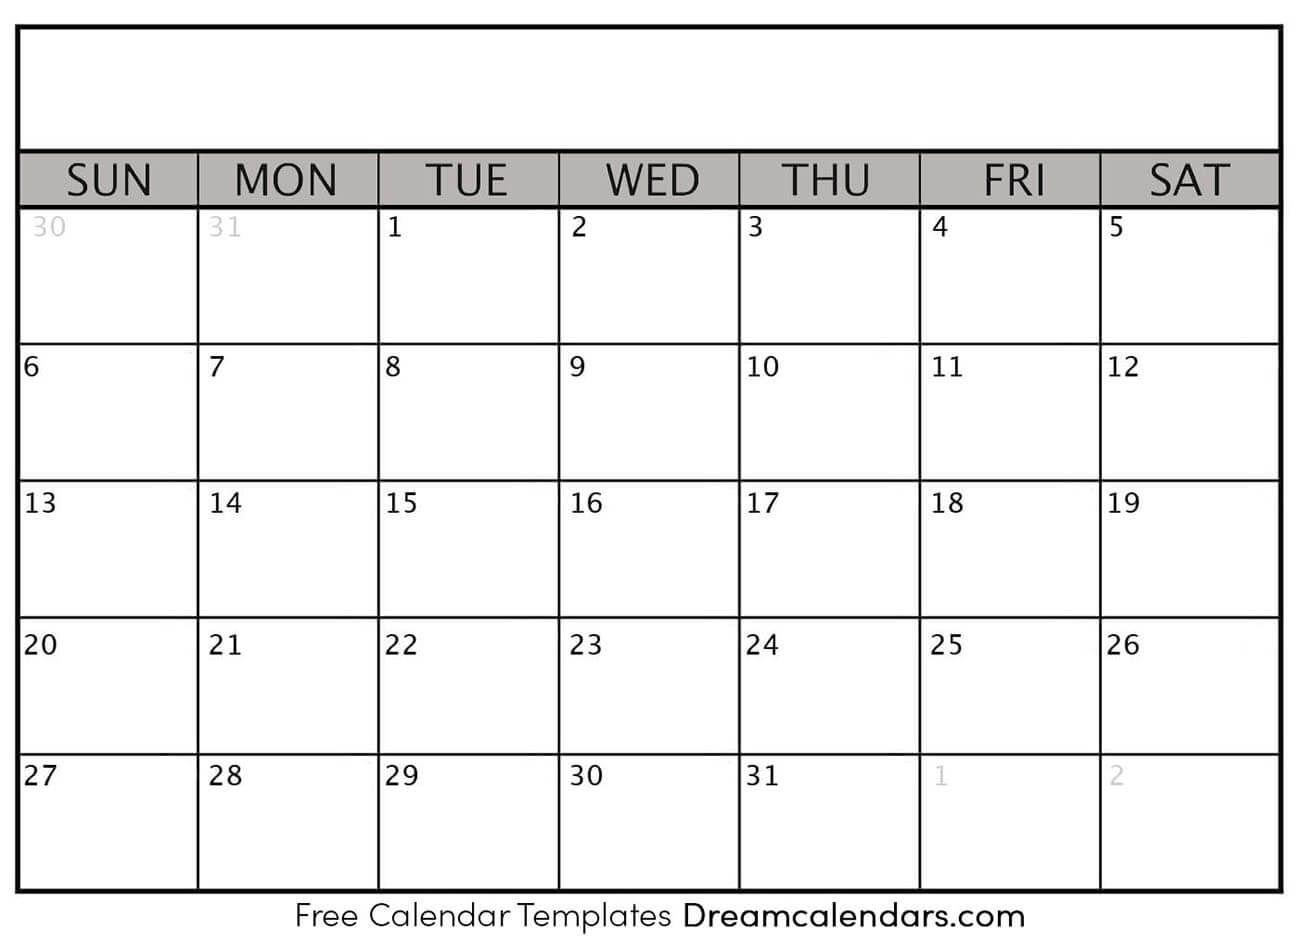 Print Calendar With Own Photos | Ten Free Printable